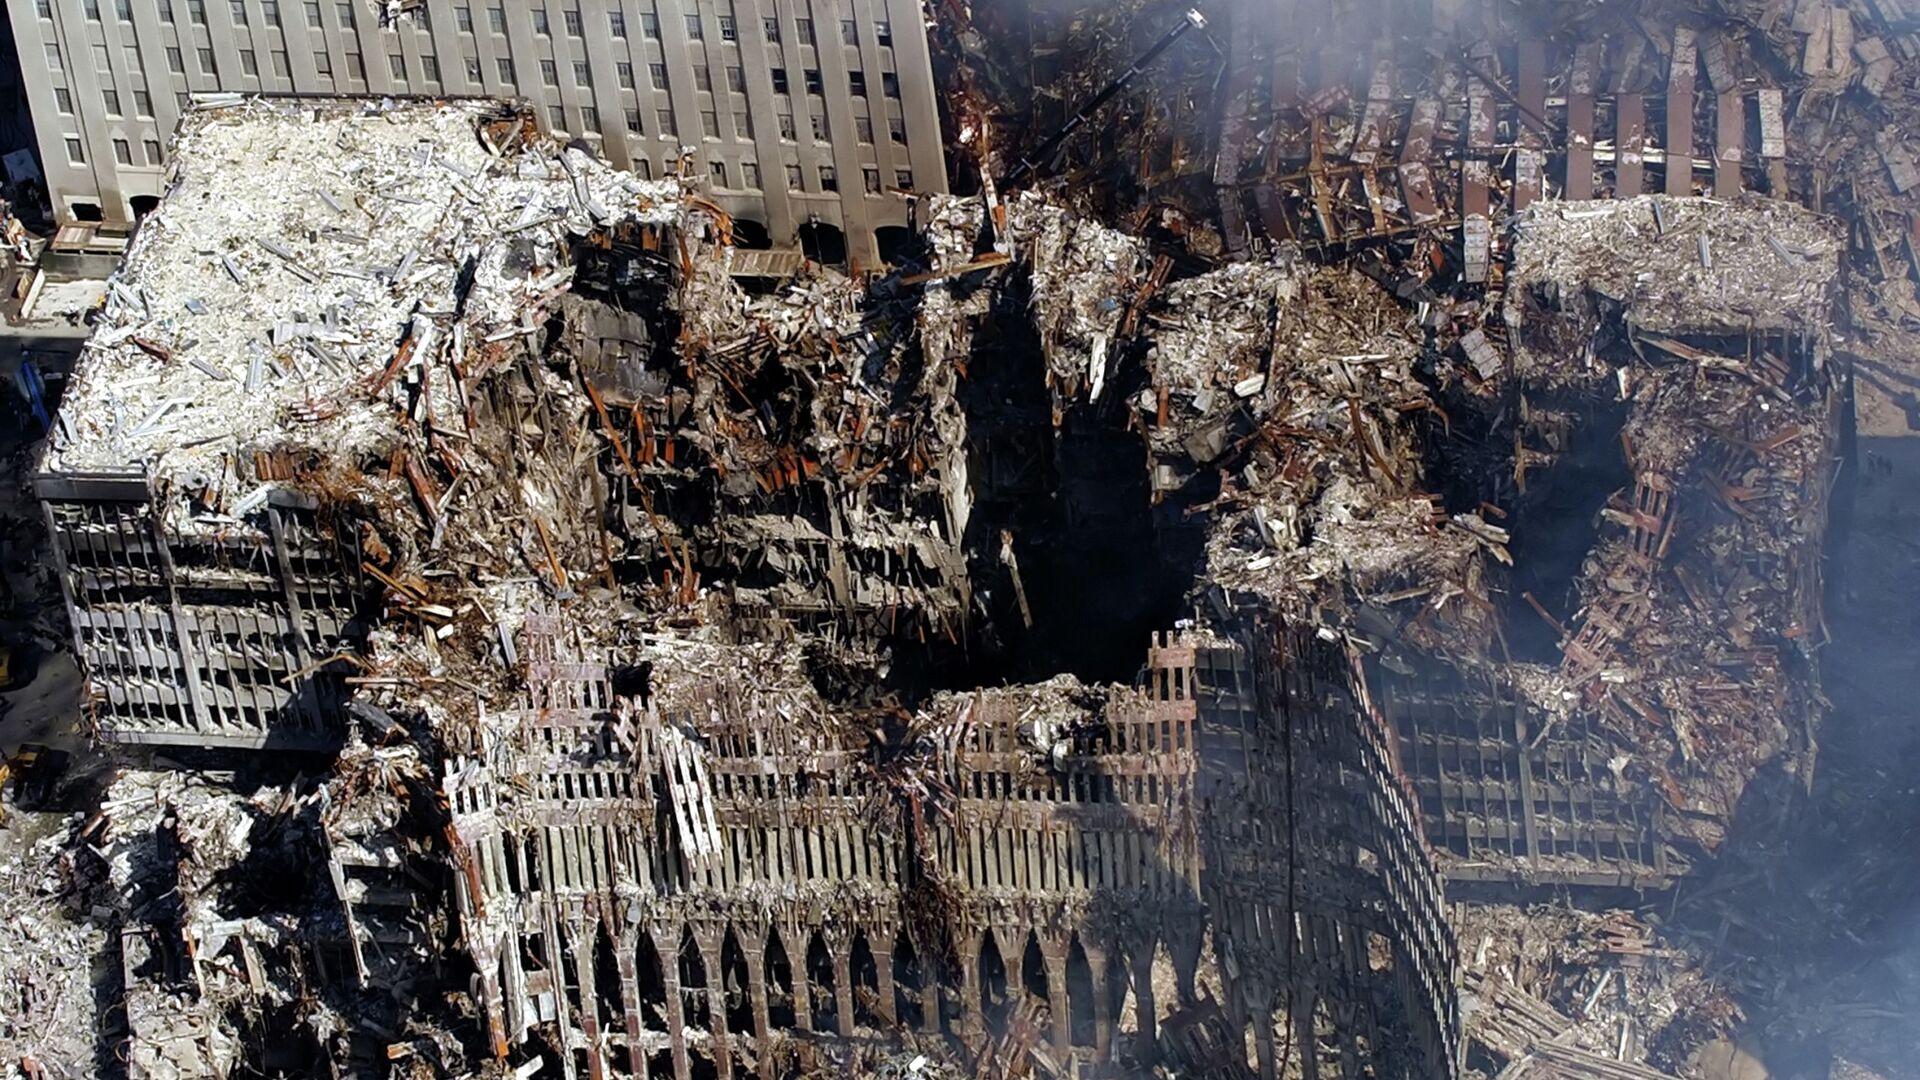 Torri Gemelle (Twin Towers) distrutte dopo attacco 11 settembre 2001 a New York - Sputnik Italia, 1920, 03.09.2021